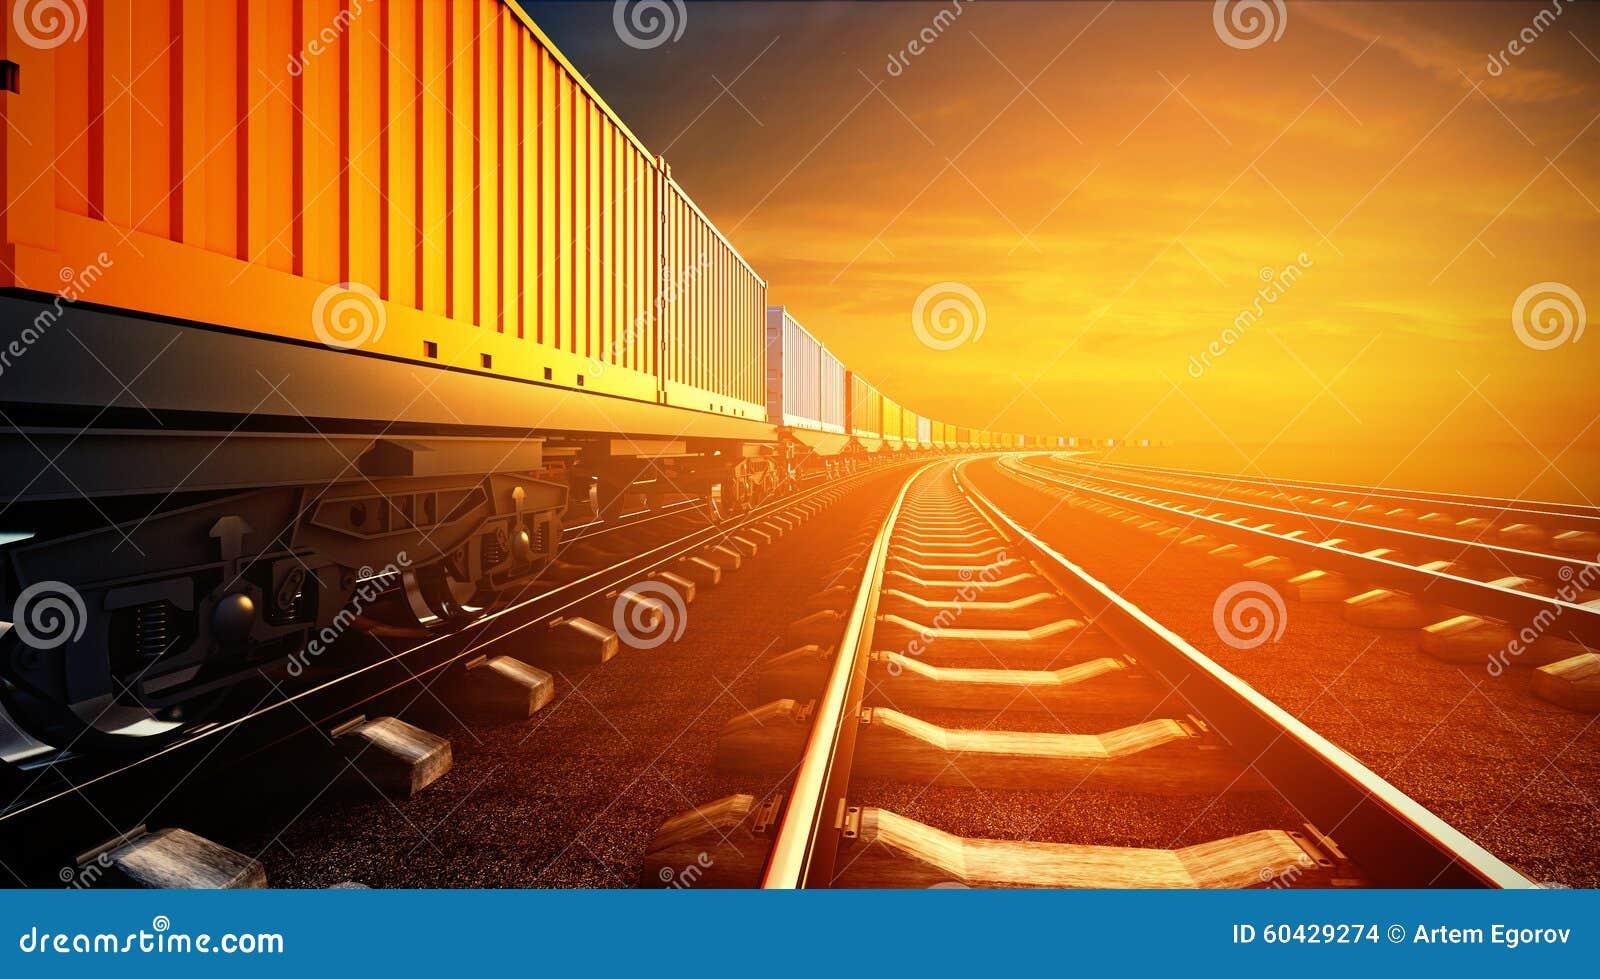 3d ilustracja pociąg towarowy z zbiornikami na platformach